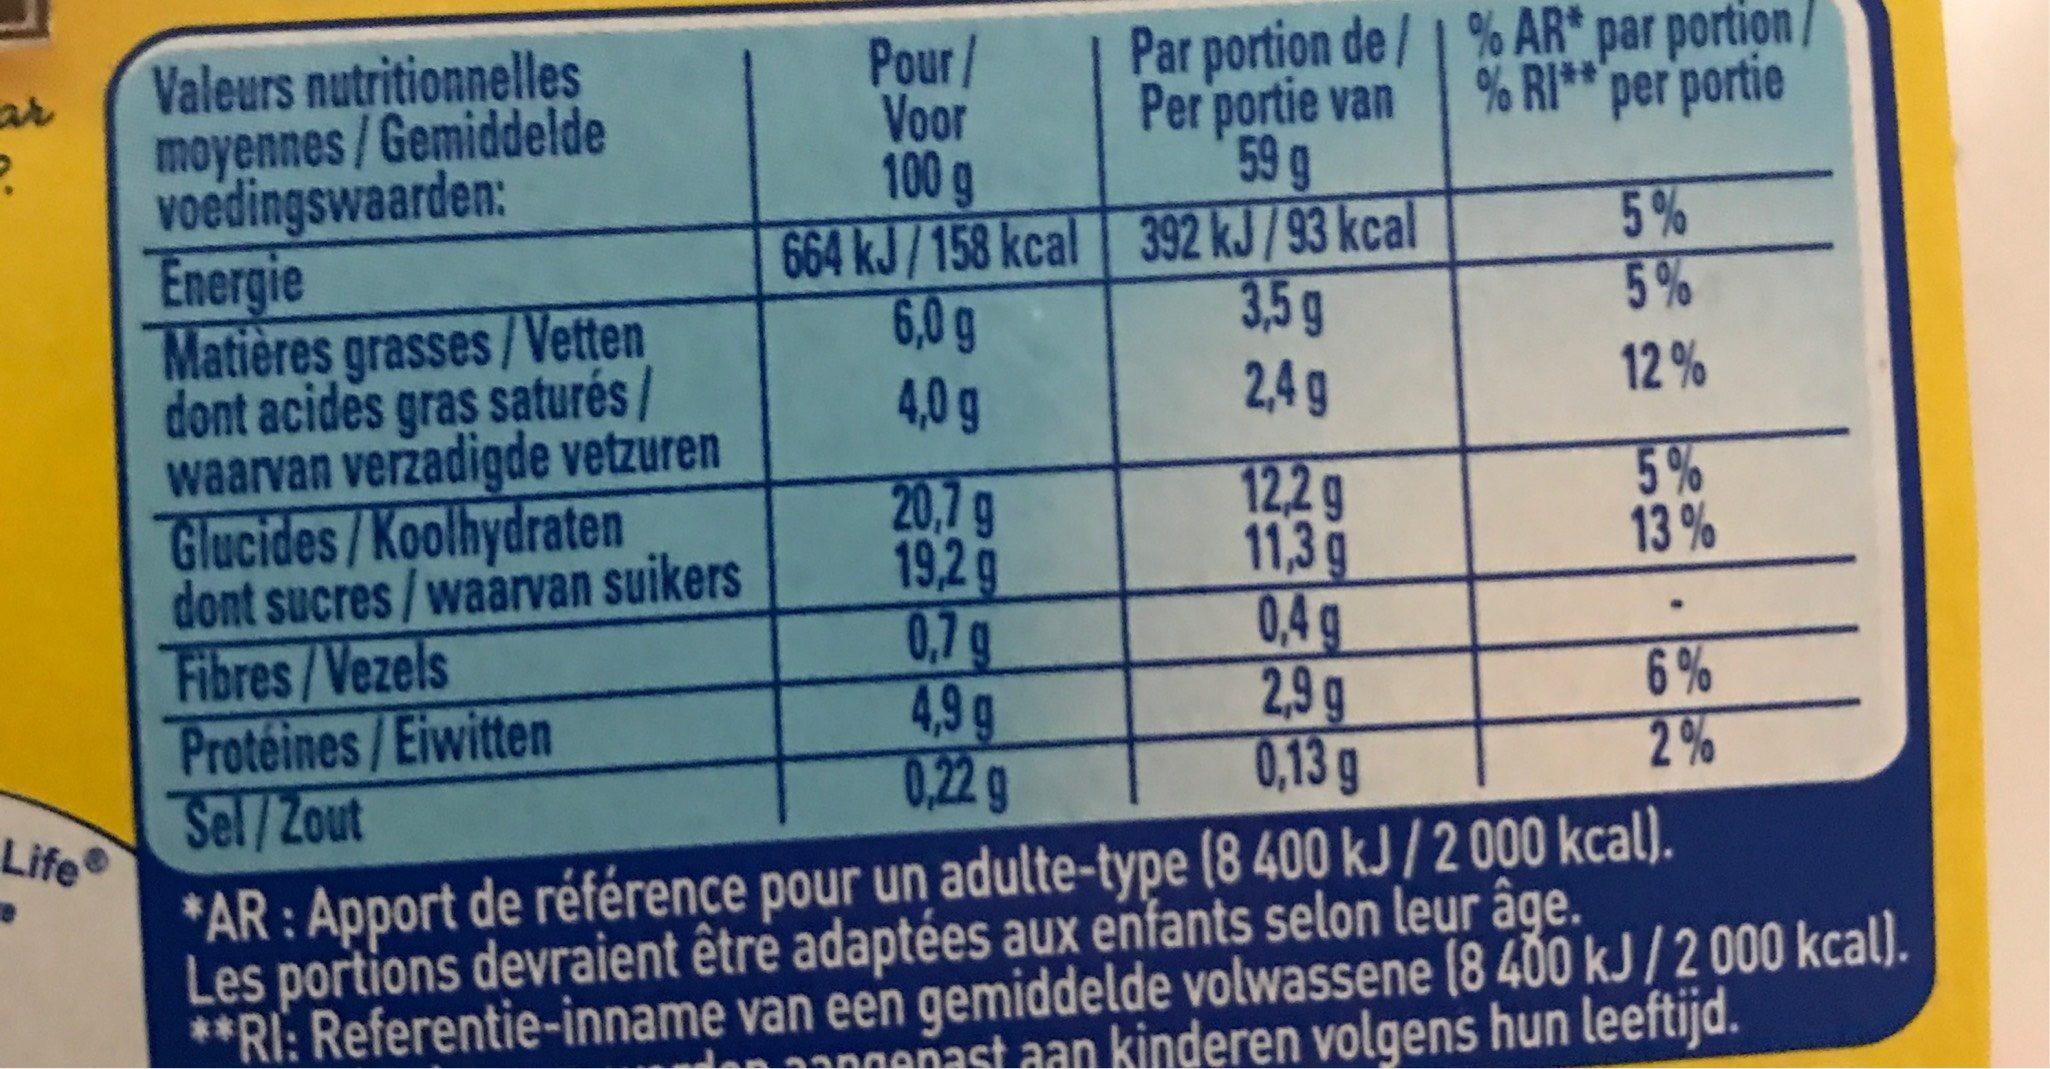 desserts mousse chocolat lait et blanc la laiti re 236 g 4 59 g. Black Bedroom Furniture Sets. Home Design Ideas